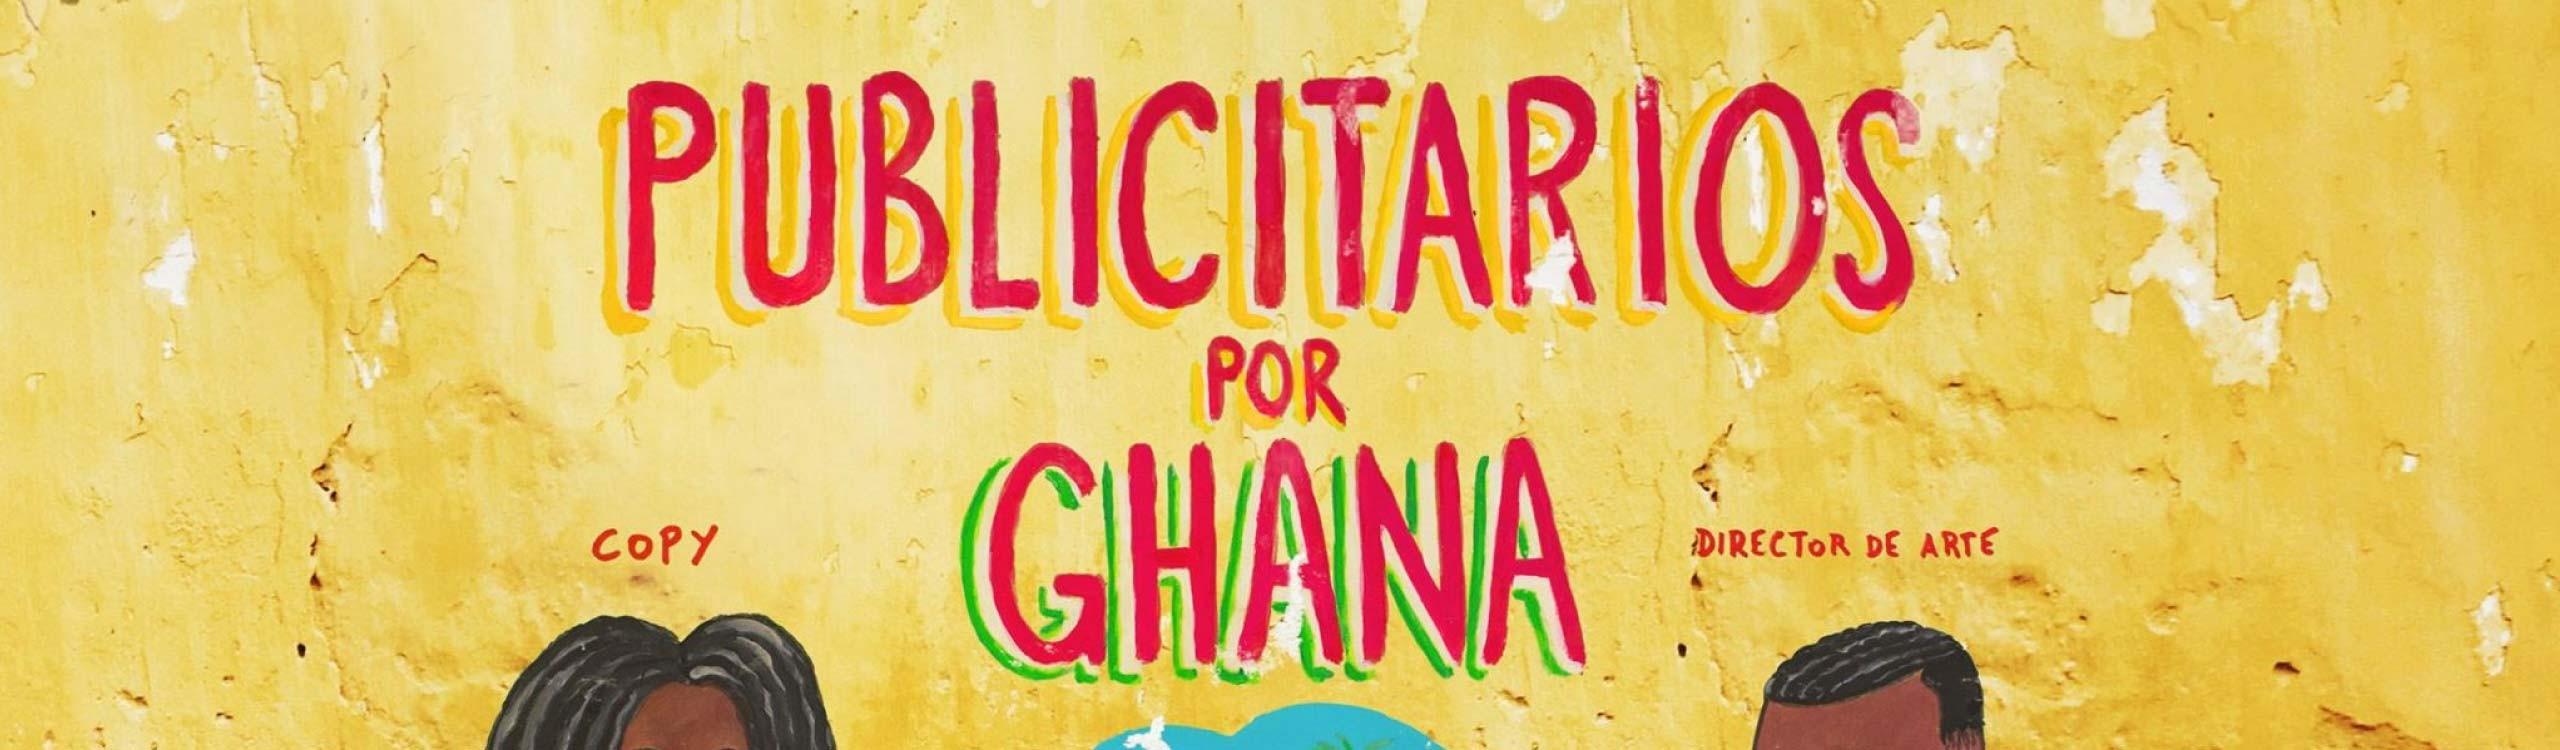 publicitarios por ghana mis-gafas-de-pasta-destacado